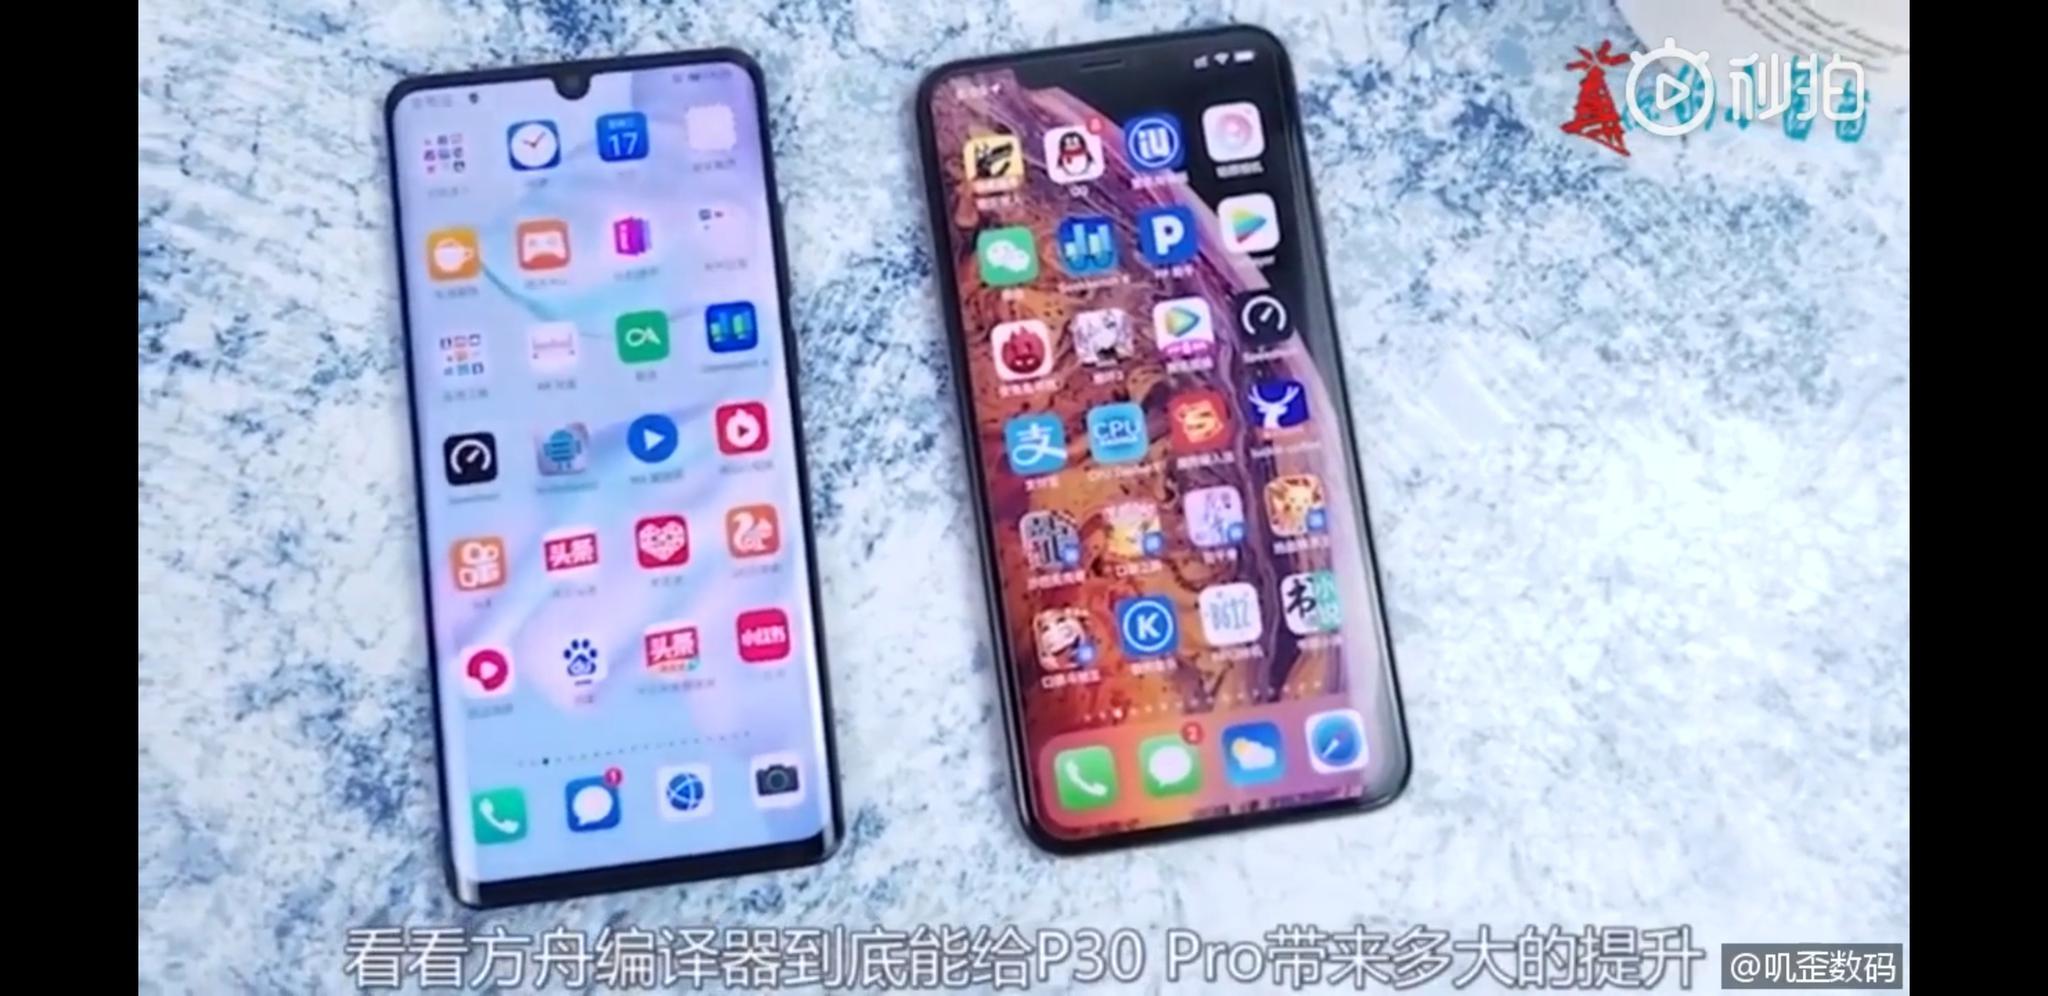 华为方舟编译器实测:流畅度果真远超iphonexsmax!图片